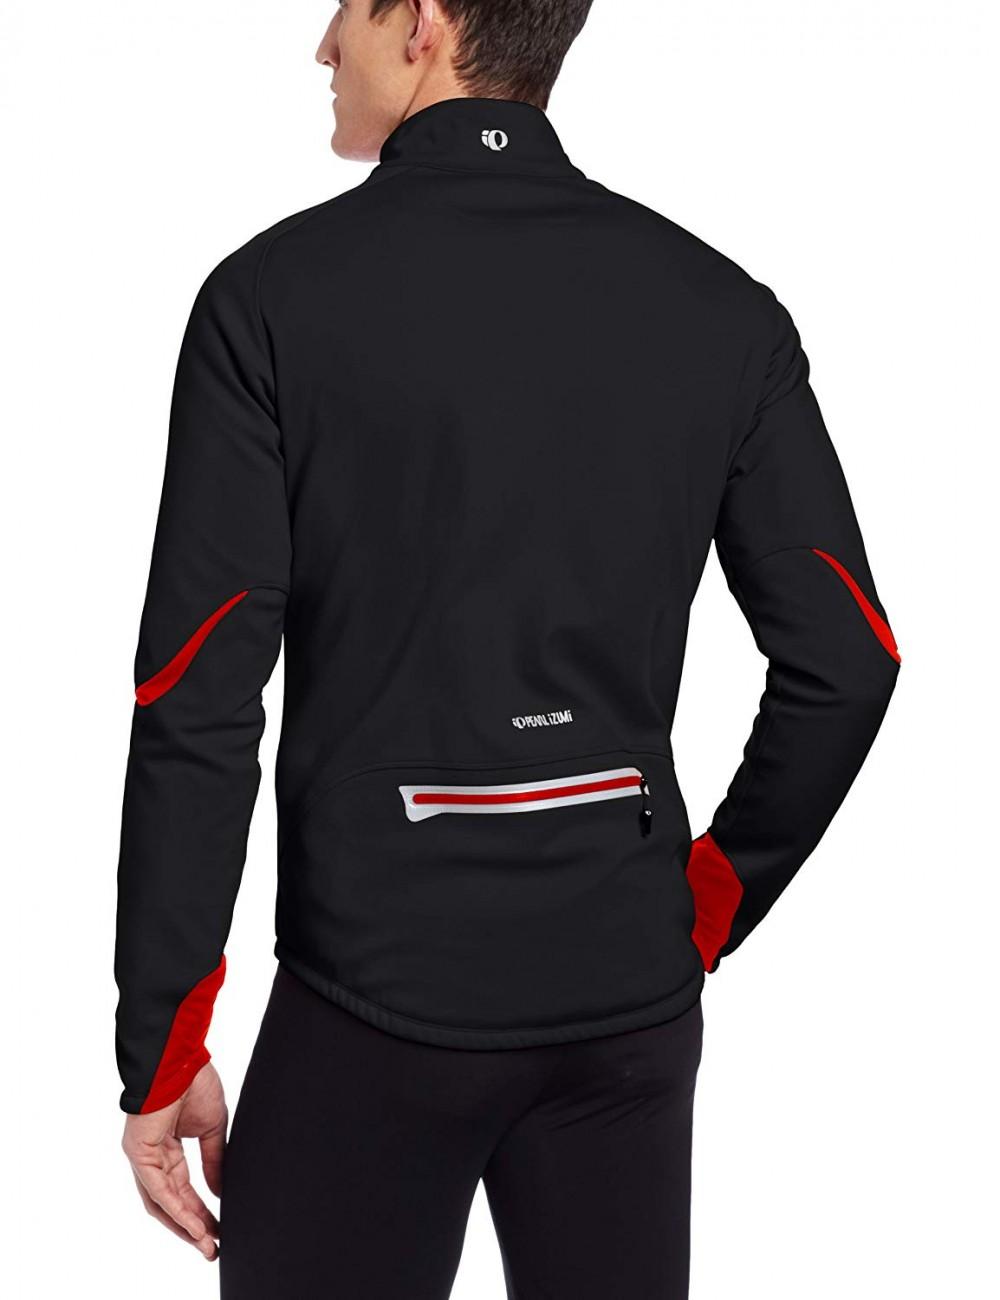 Велокуртка PEARL IZUMI pro softshell jacket (размер XXL) - 2